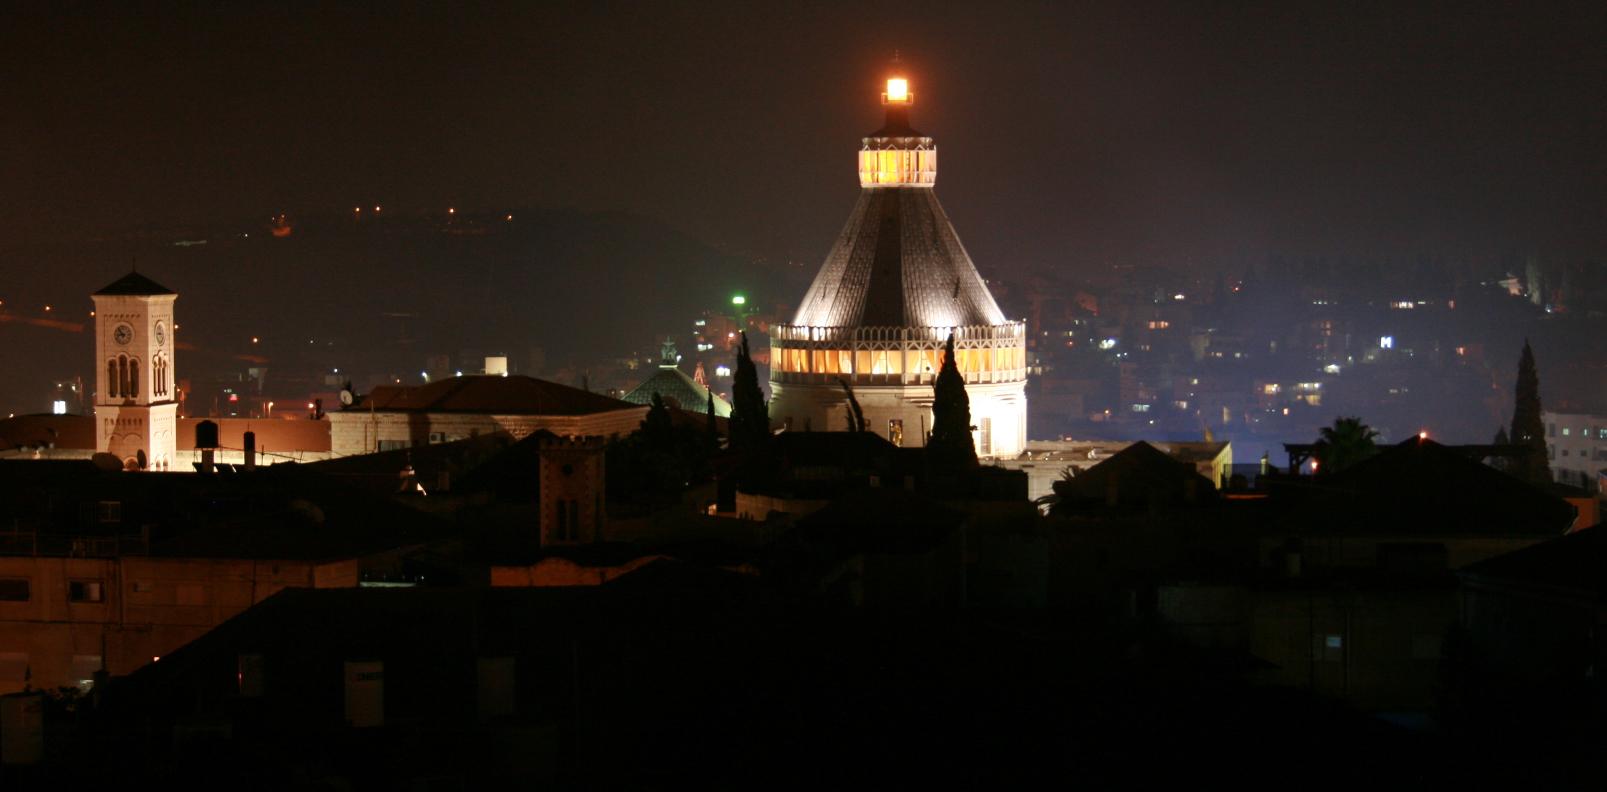 כנסיית הבשורה בזיליקנית נצרת